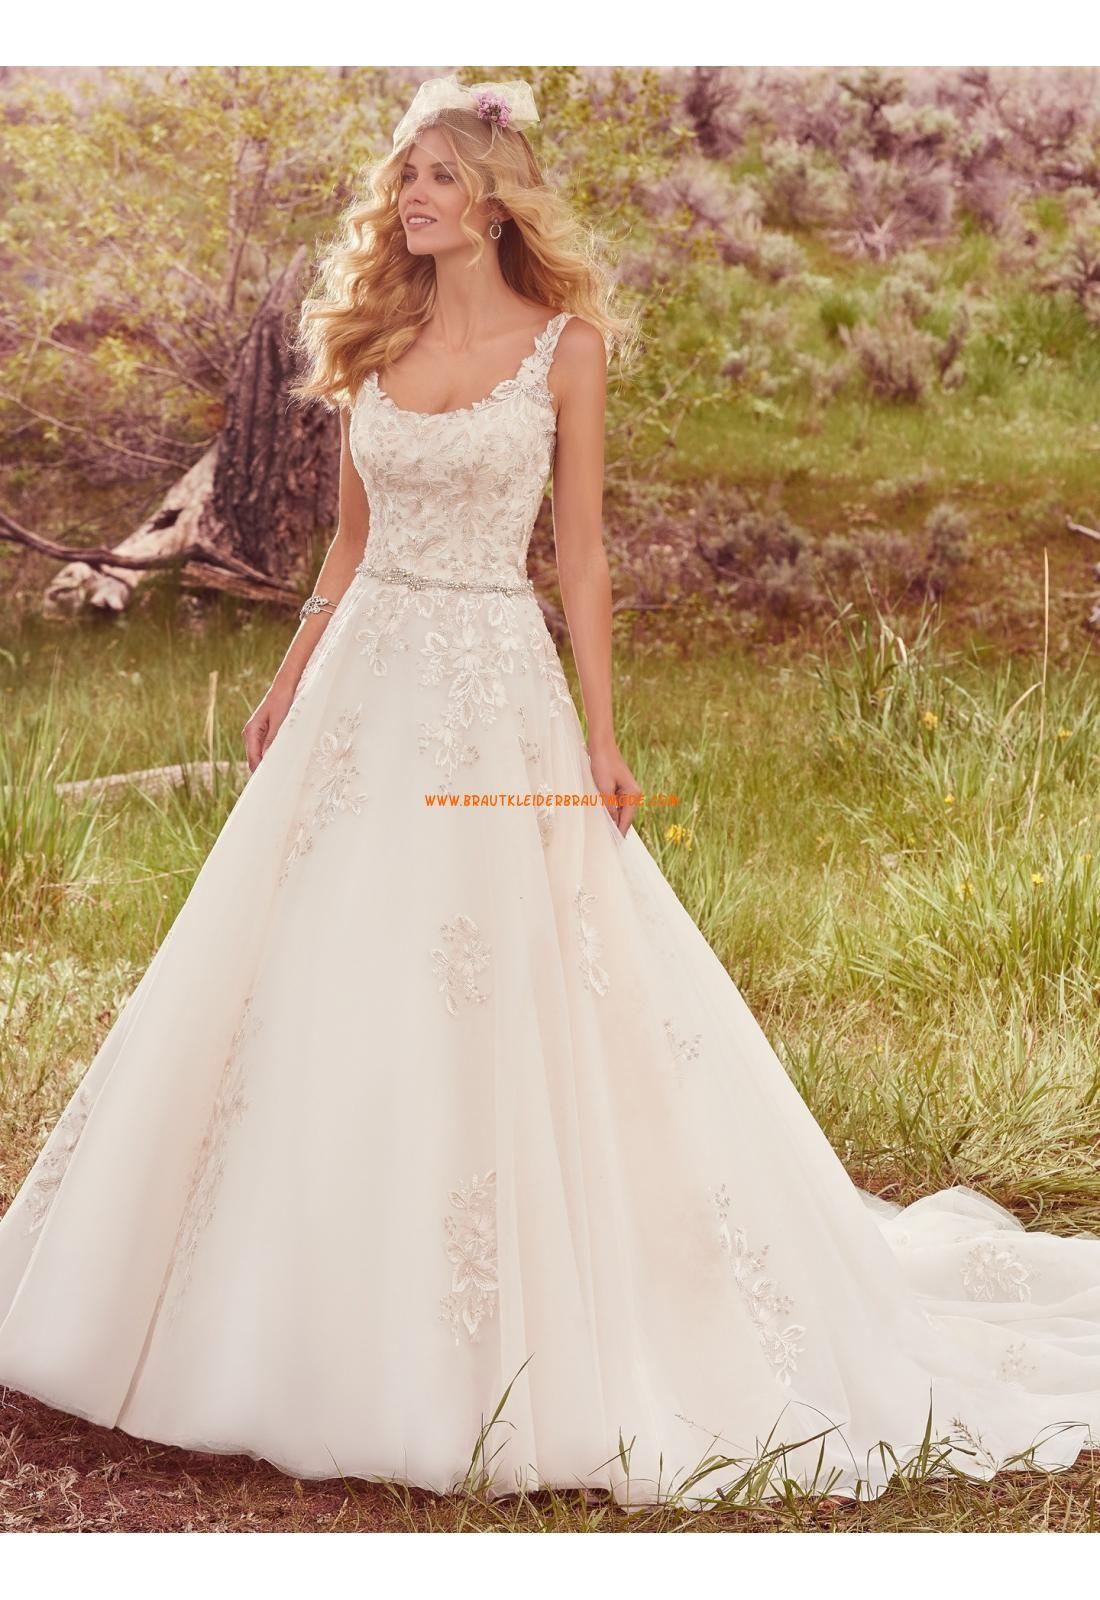 A-linie Traumhafte Glamouröse Brautkleider aus Tüll mit Applikation ...